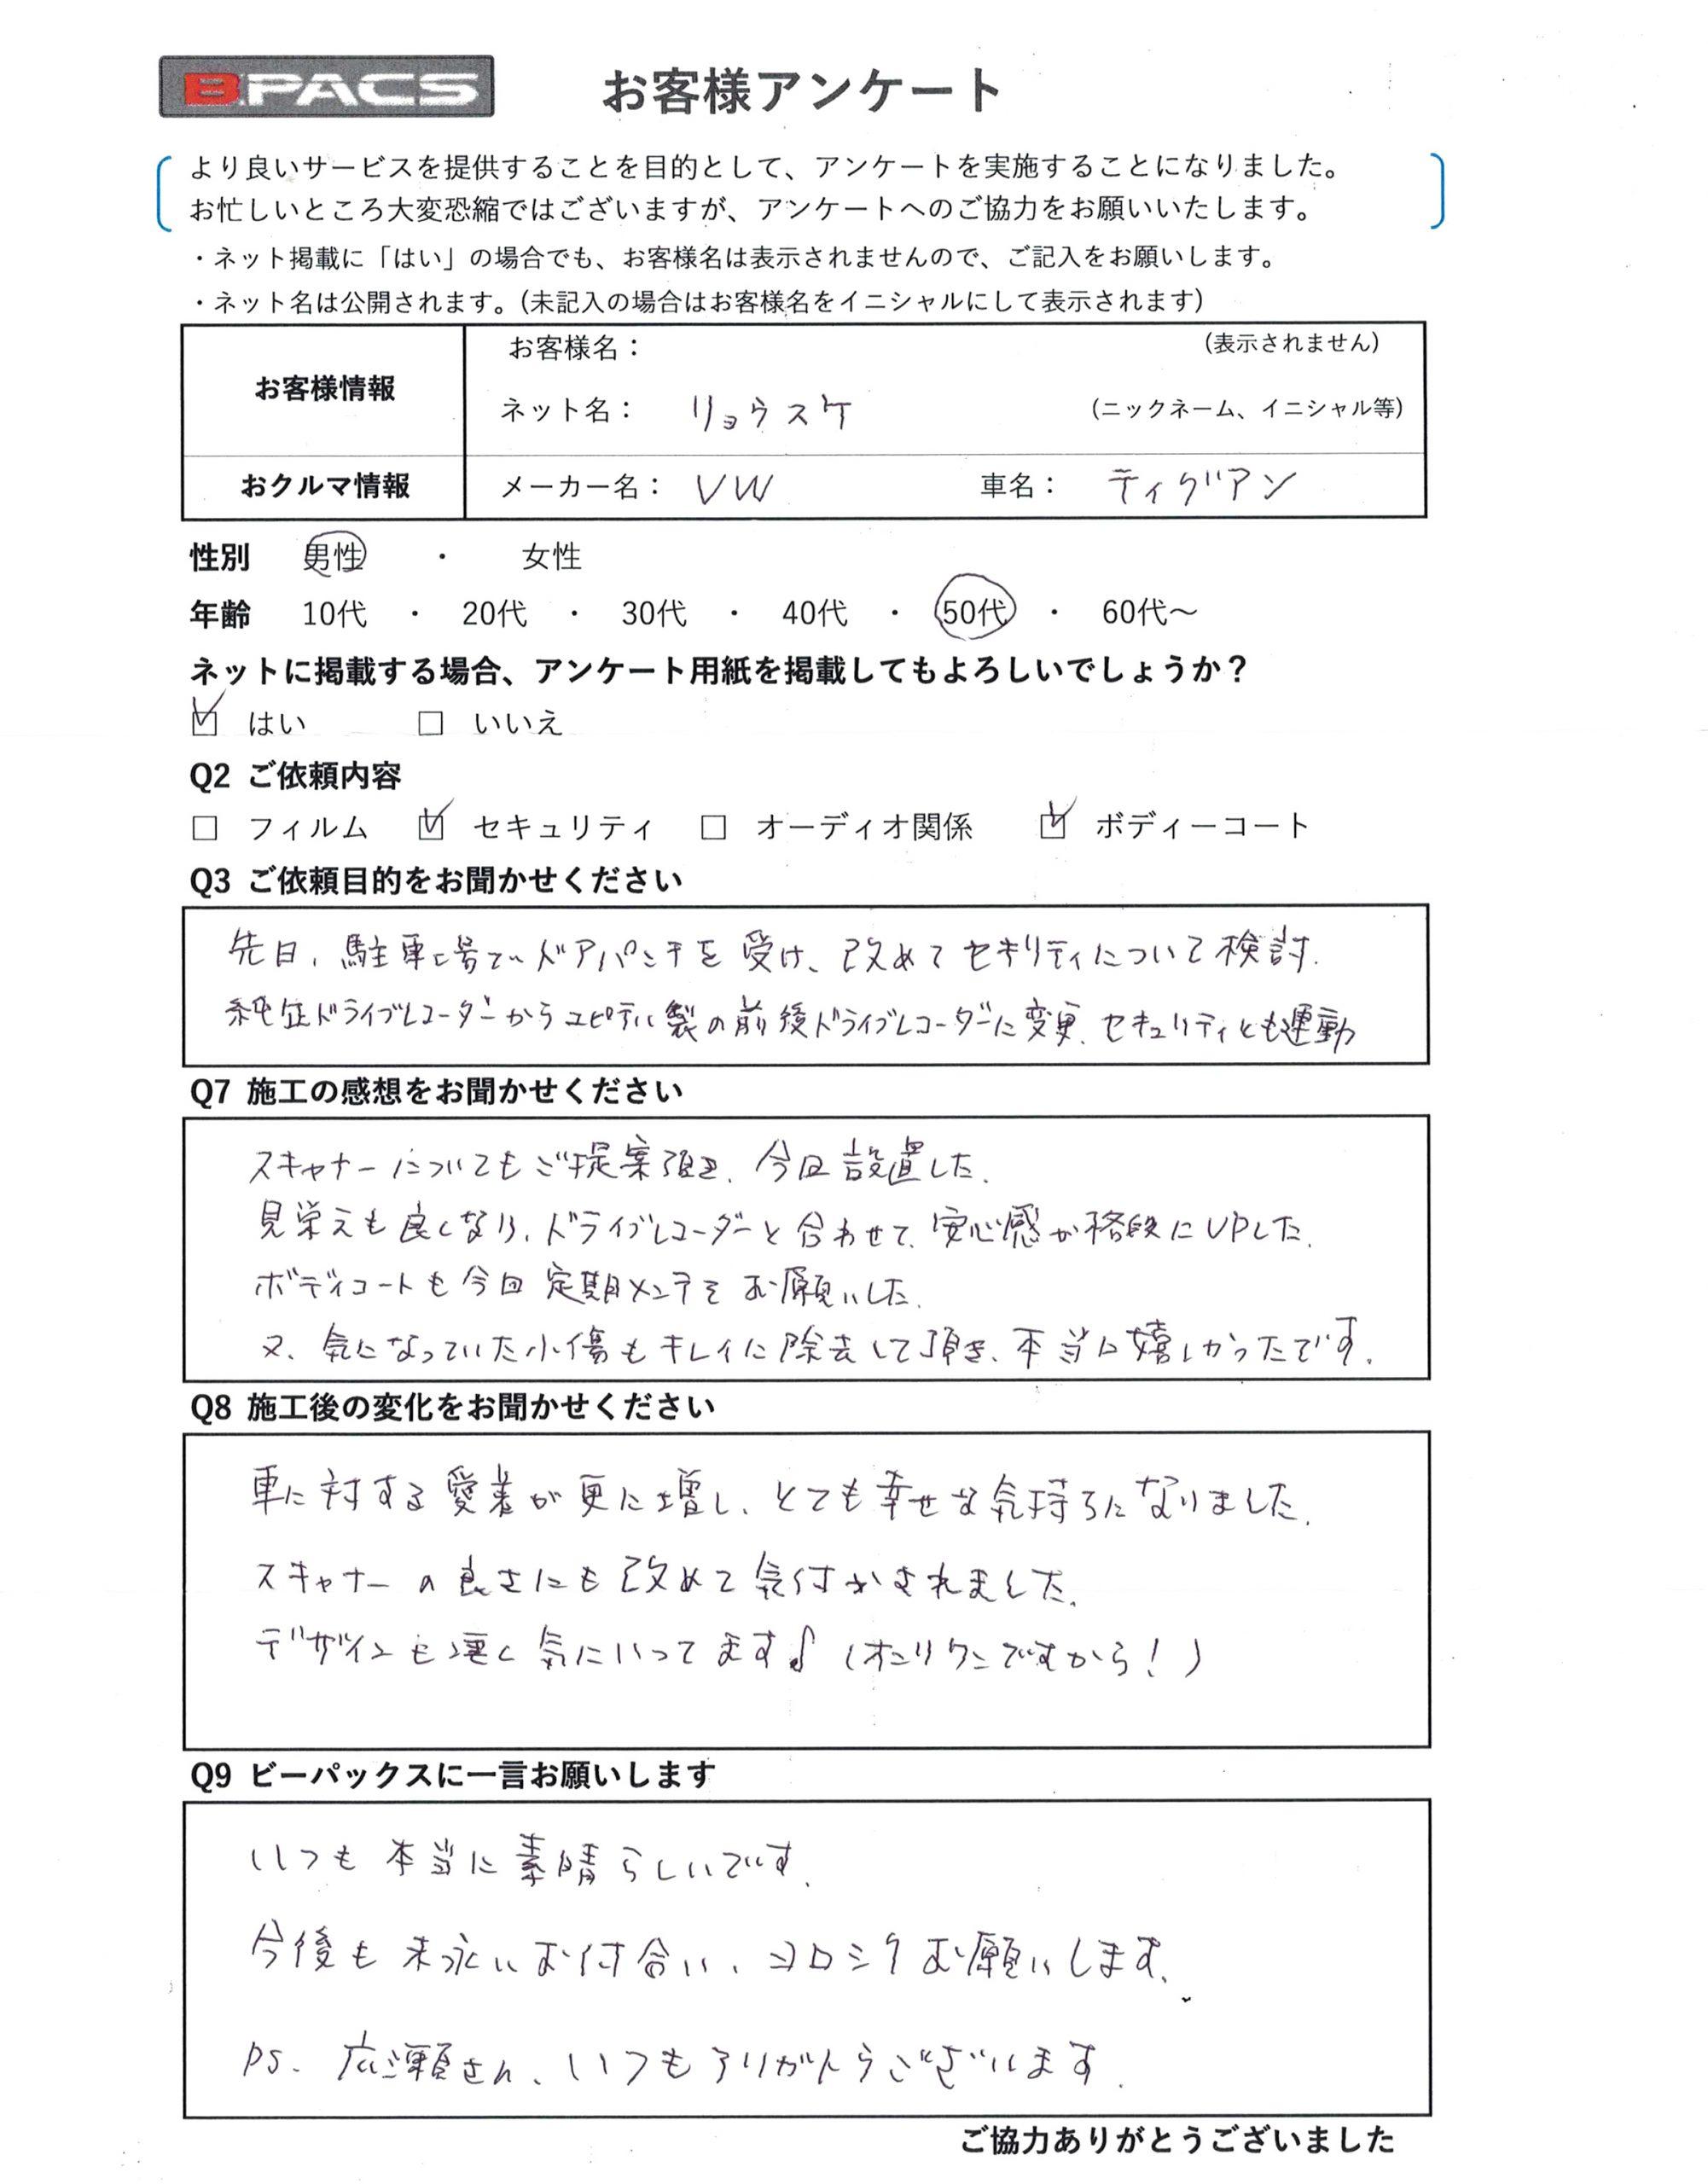 ビーパックスへのクチコミ/お客様の声:リョウスケ 様(京都市南区)/VW ティグアン